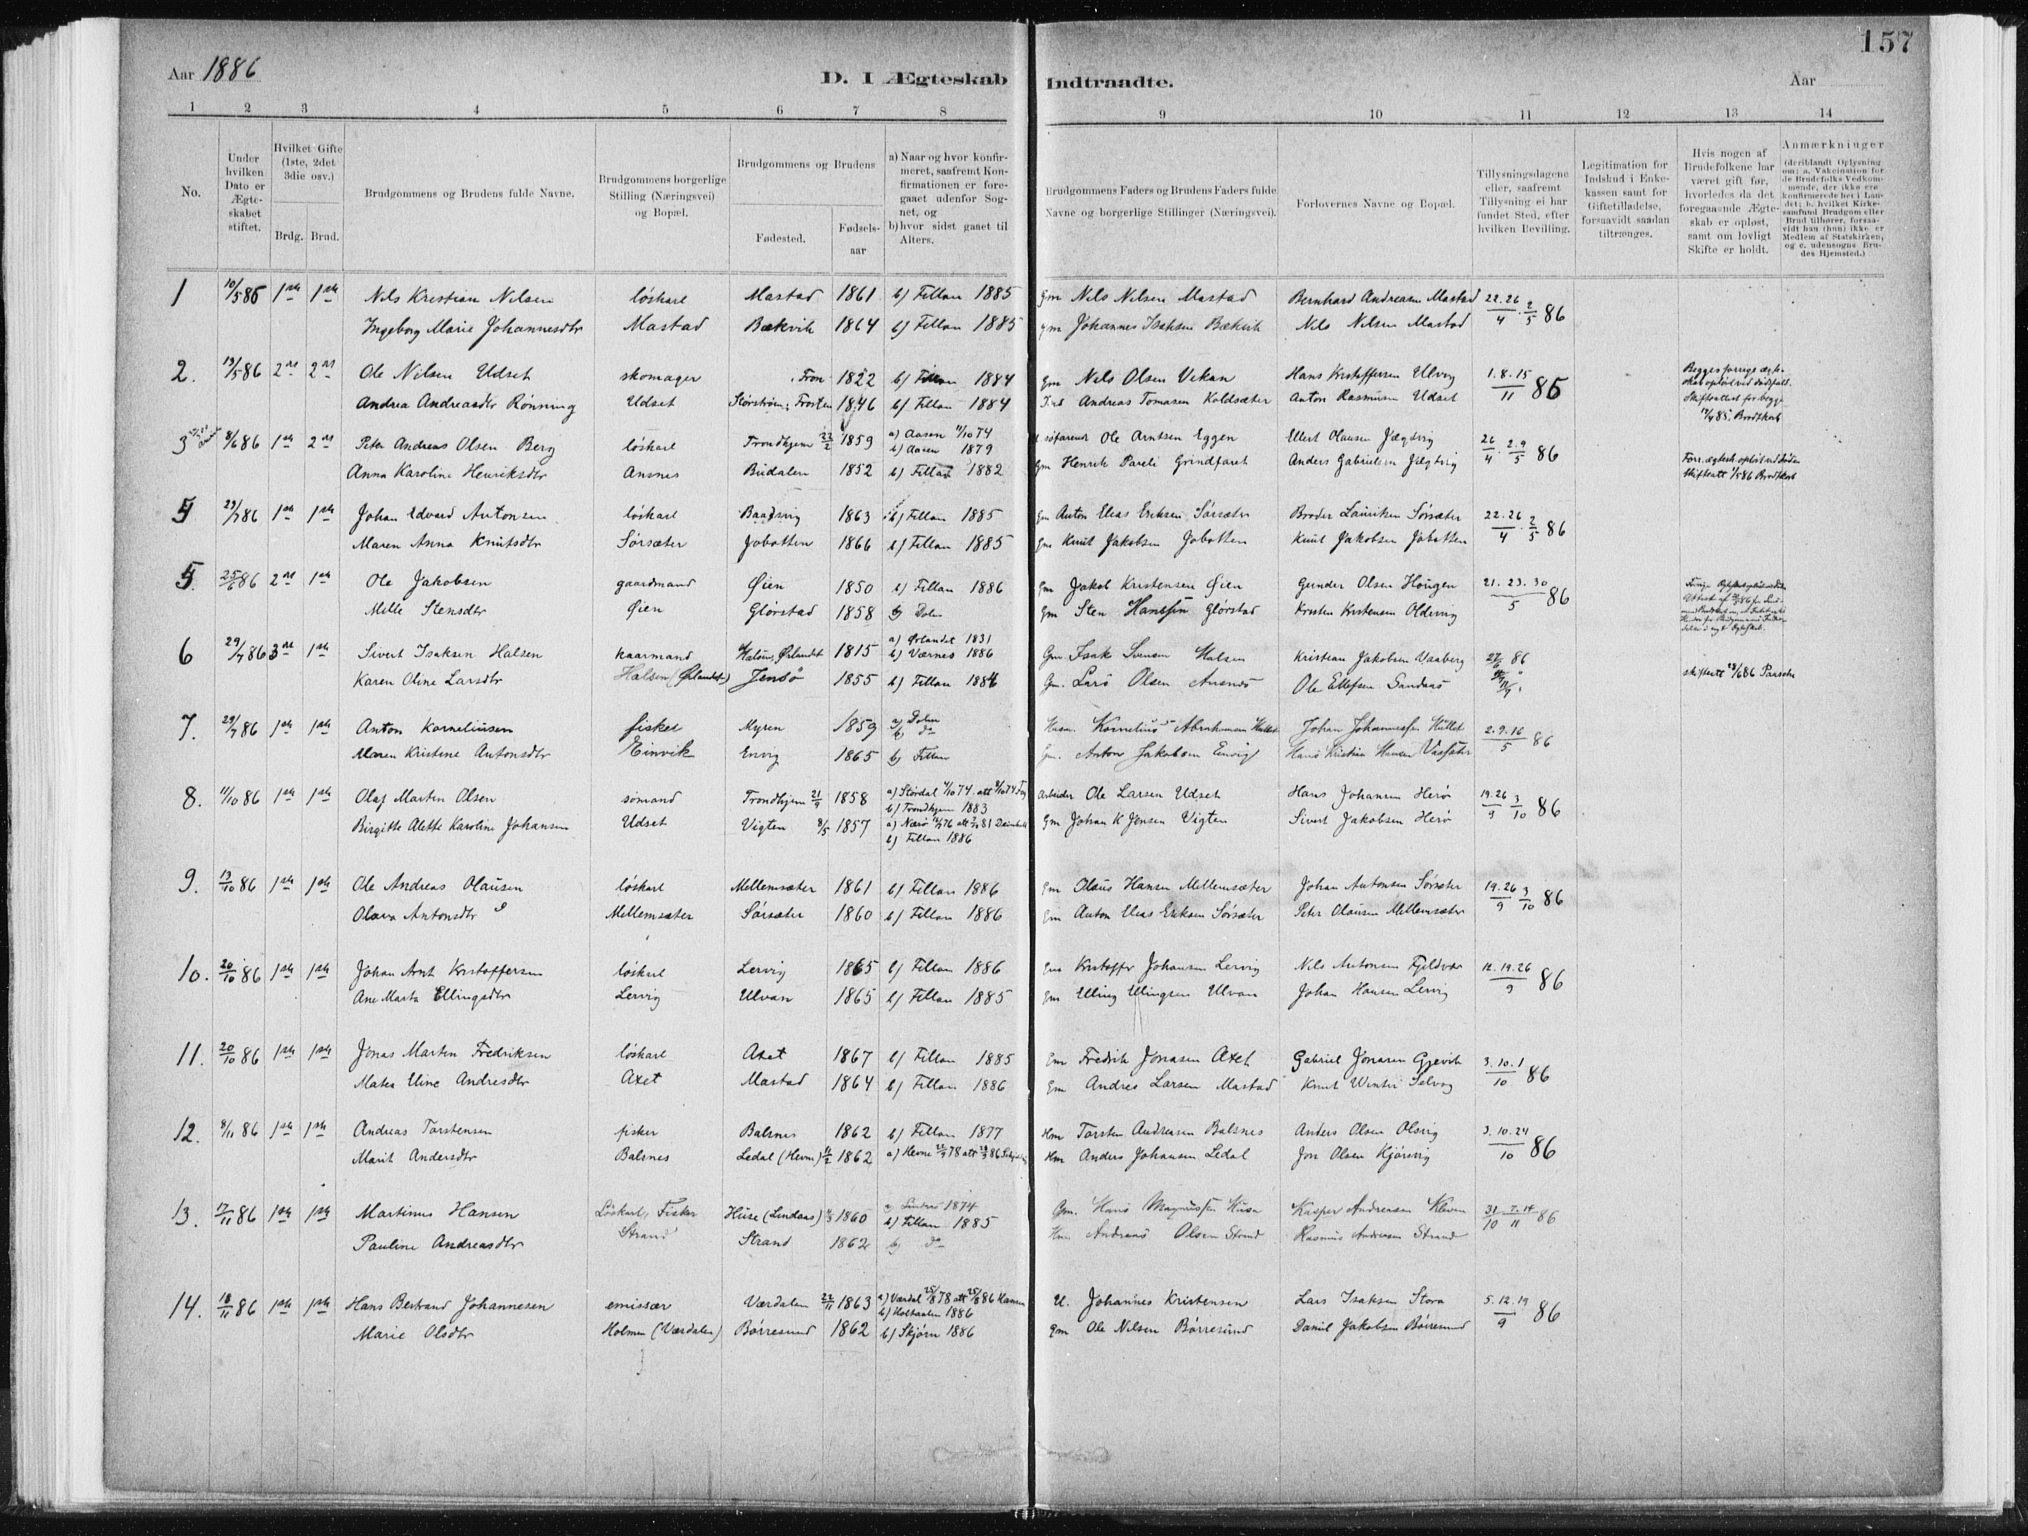 SAT, Ministerialprotokoller, klokkerbøker og fødselsregistre - Sør-Trøndelag, 637/L0558: Ministerialbok nr. 637A01, 1882-1899, s. 157